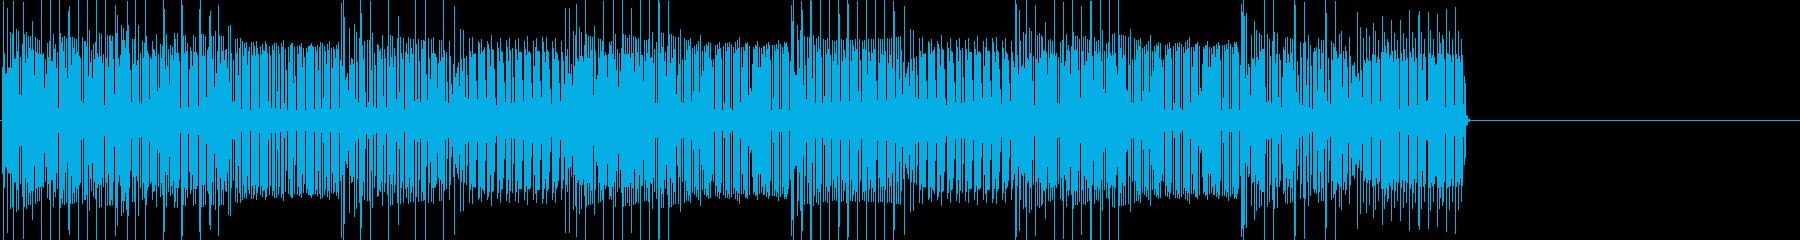 レトロゲームなチップチューンジングル30の再生済みの波形